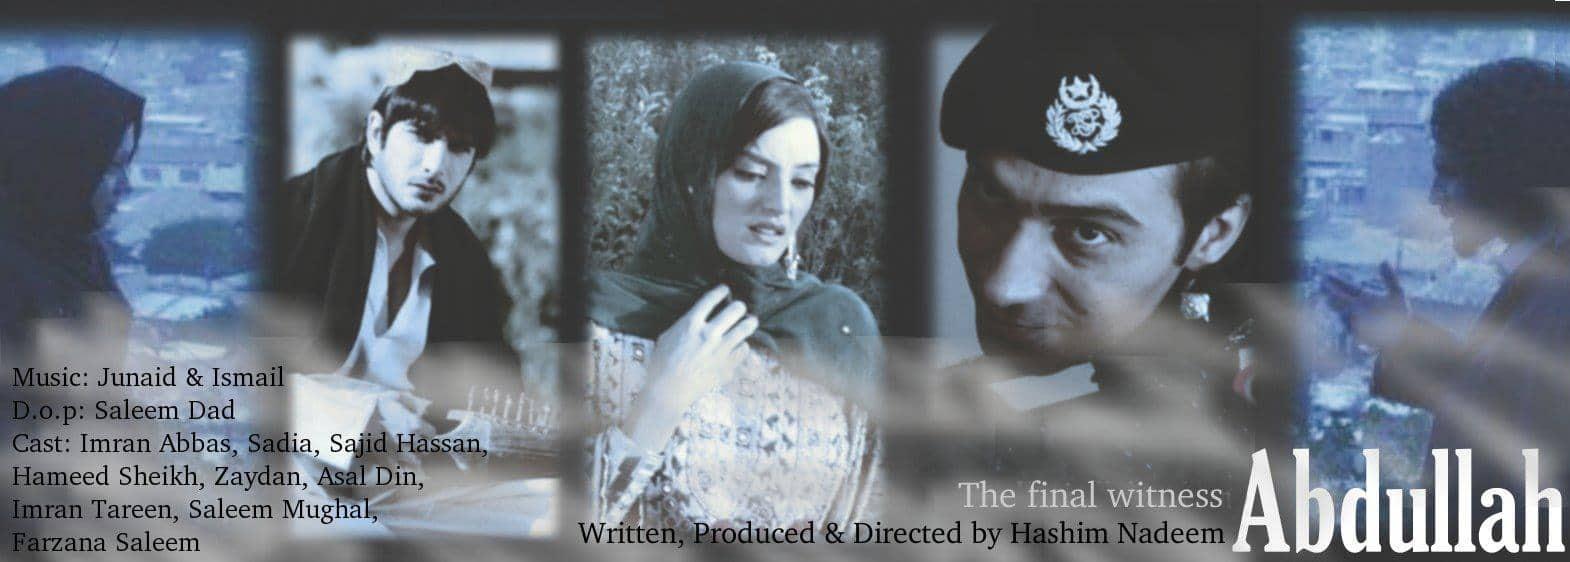 Imran-Abbas-and-Sadia-Khans-upcoming-Abdullah-4